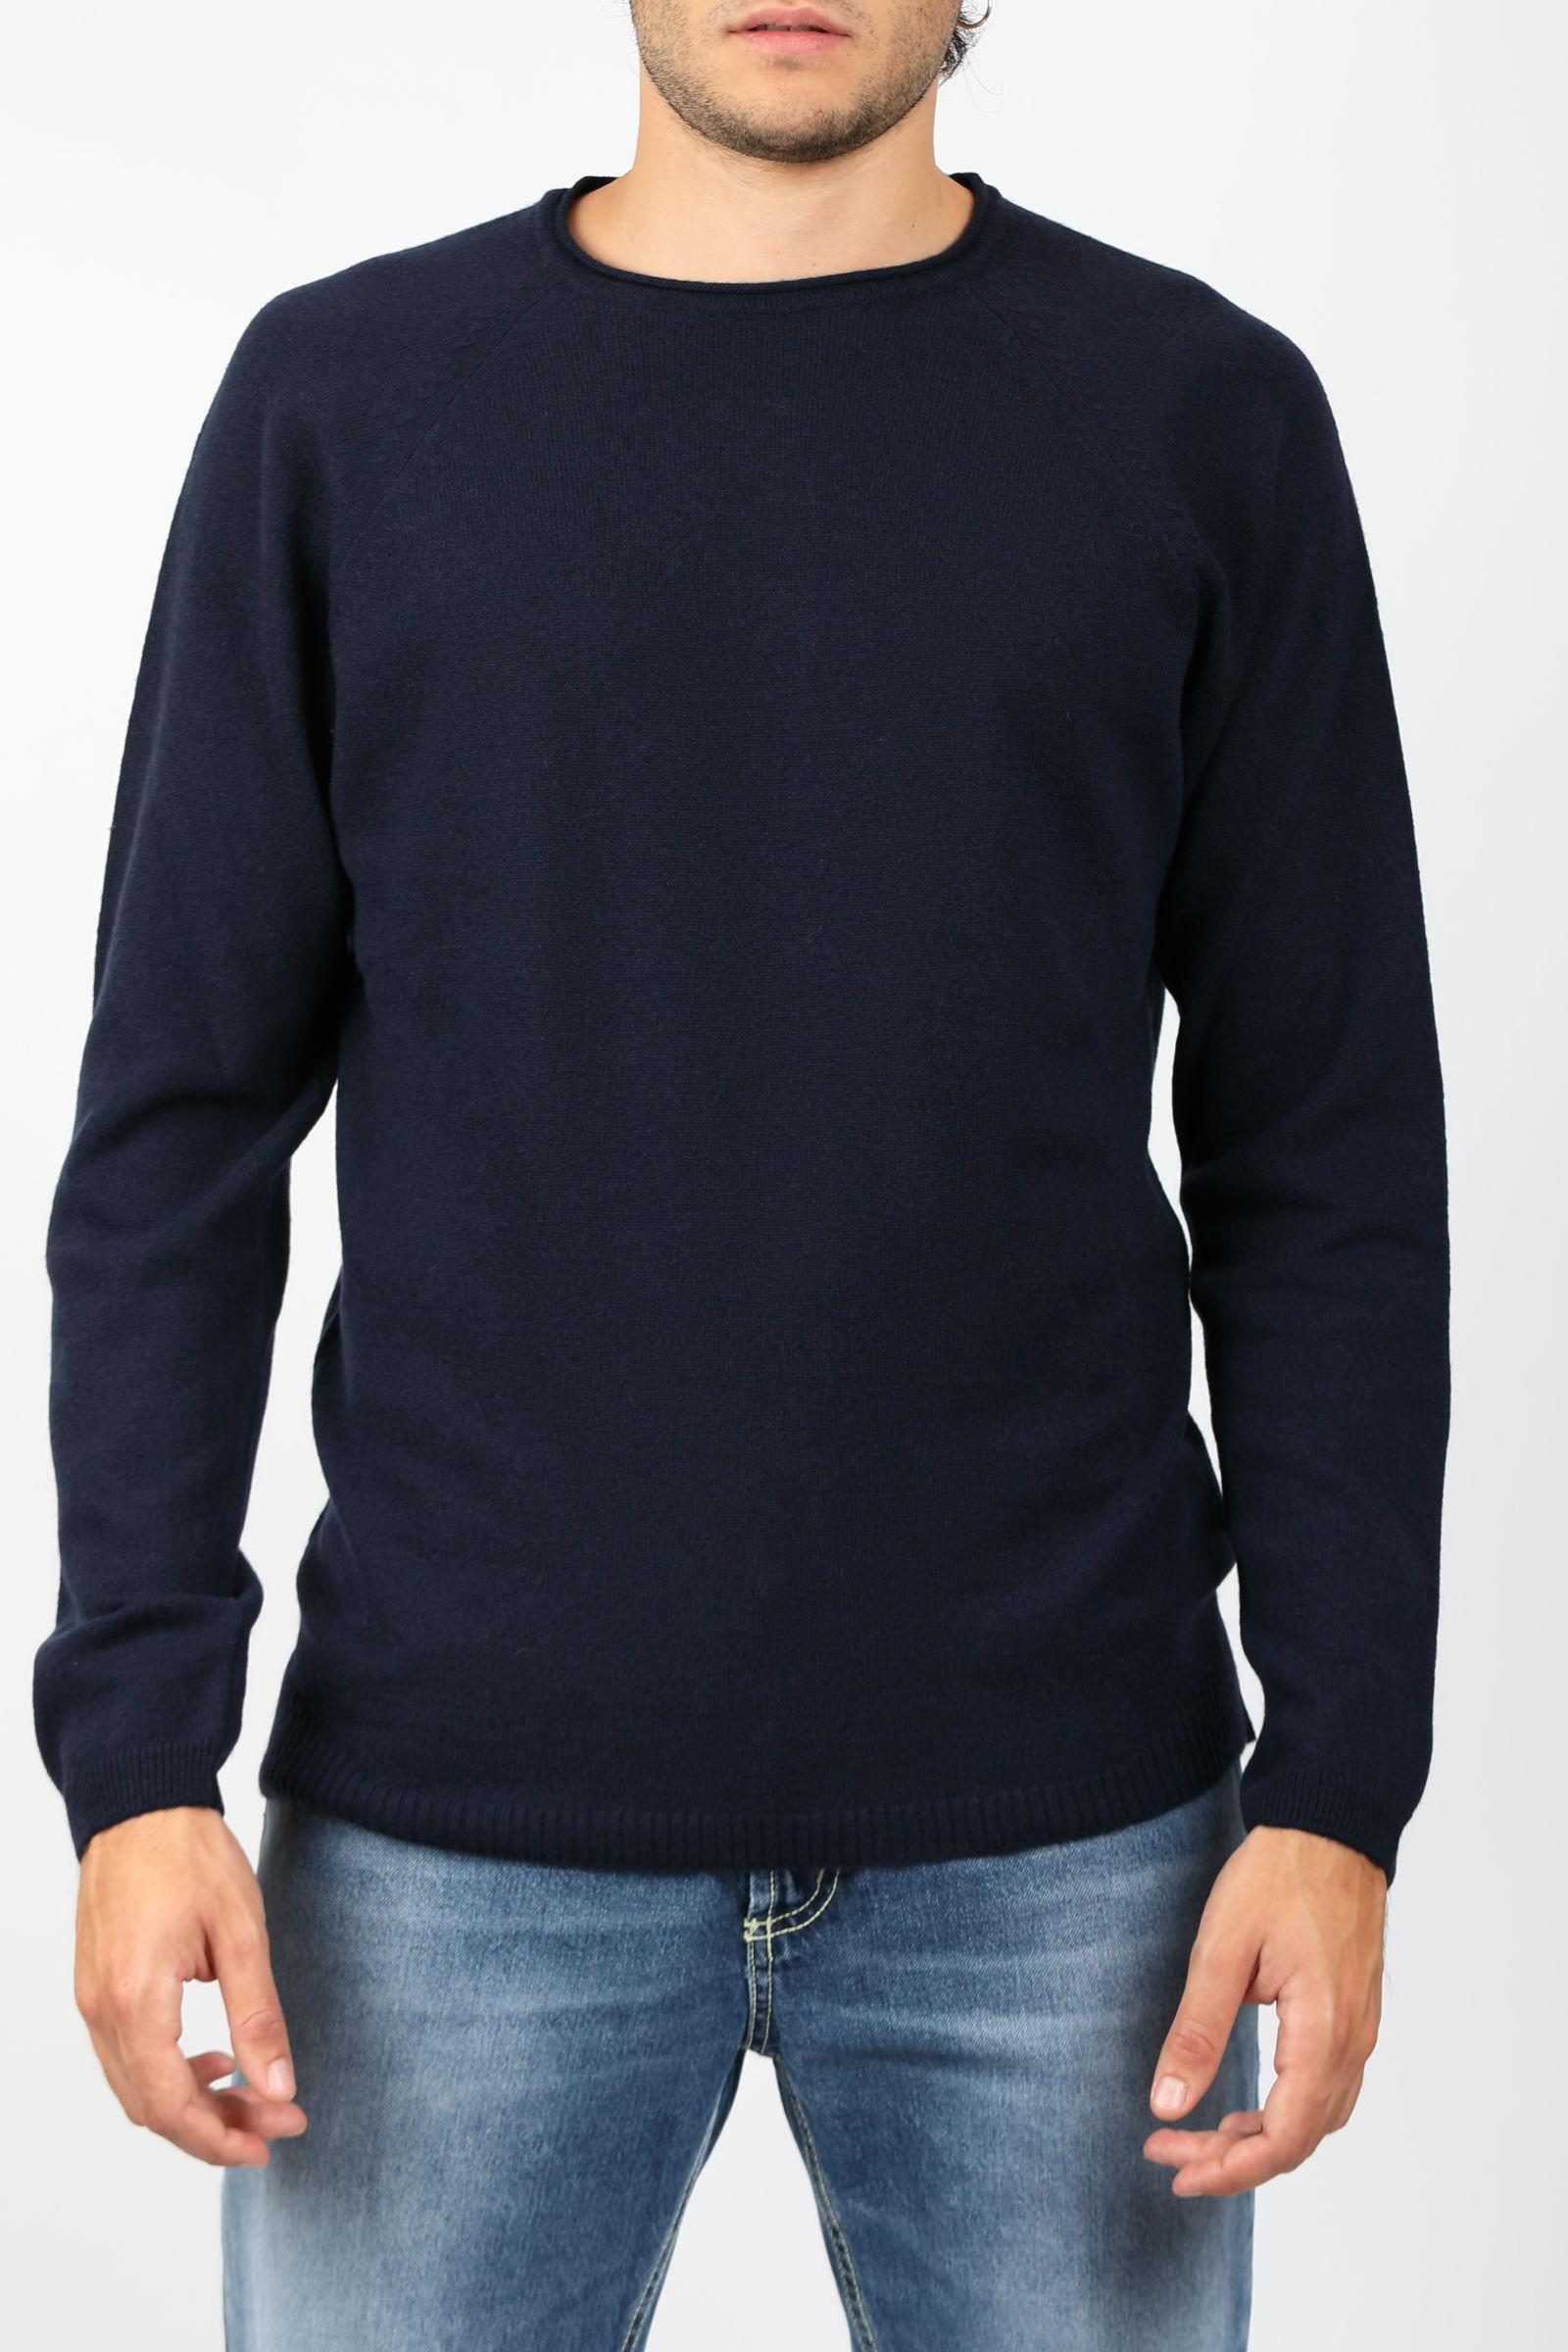 PARICOLLO LOOSEFIT DANIELE FIESOLI | Knitwear | DF300624